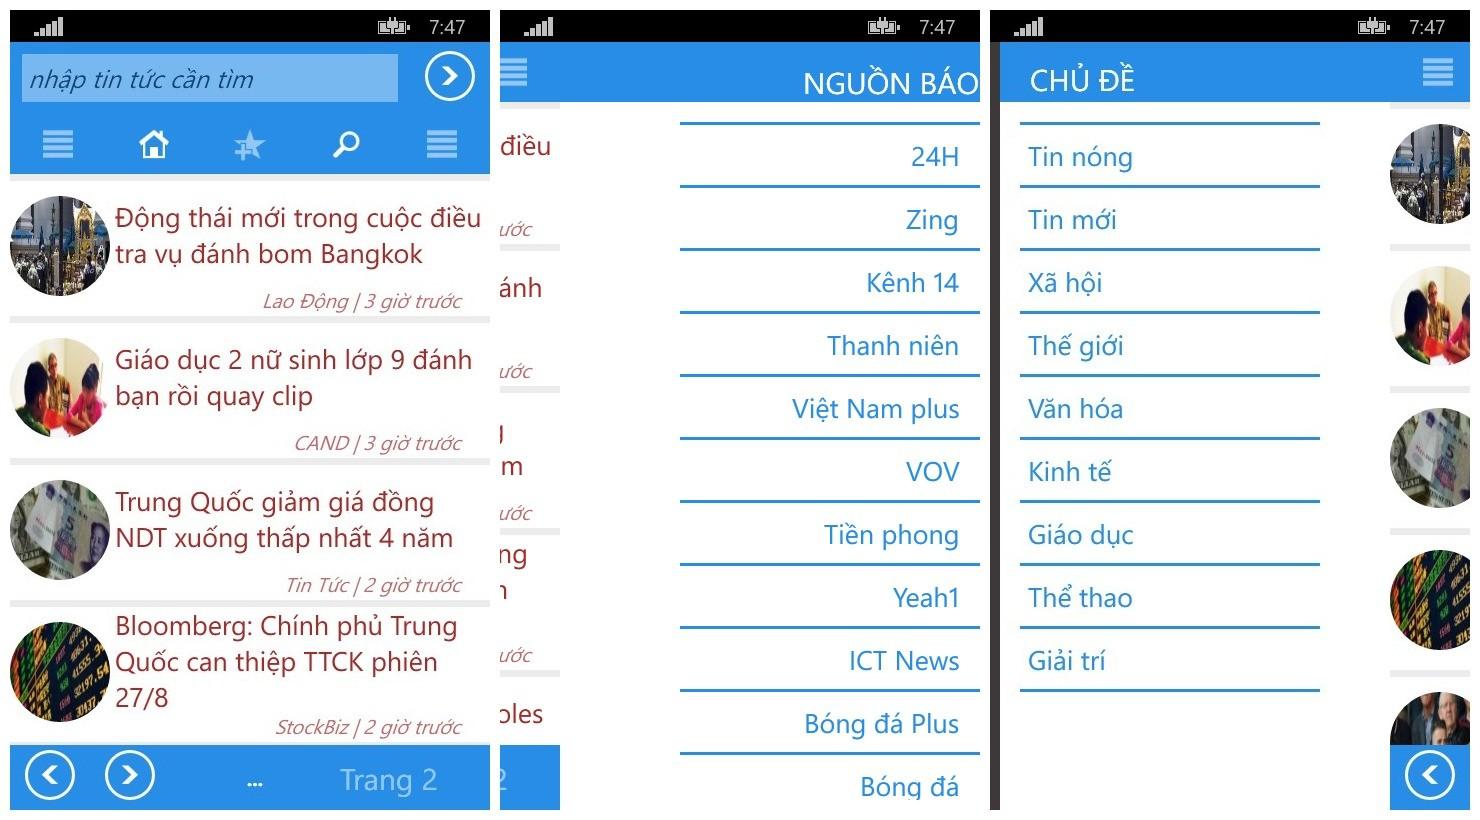 baonong365 - Đọc cùng lúc 40 đầu báo Việt trên Windows Phone